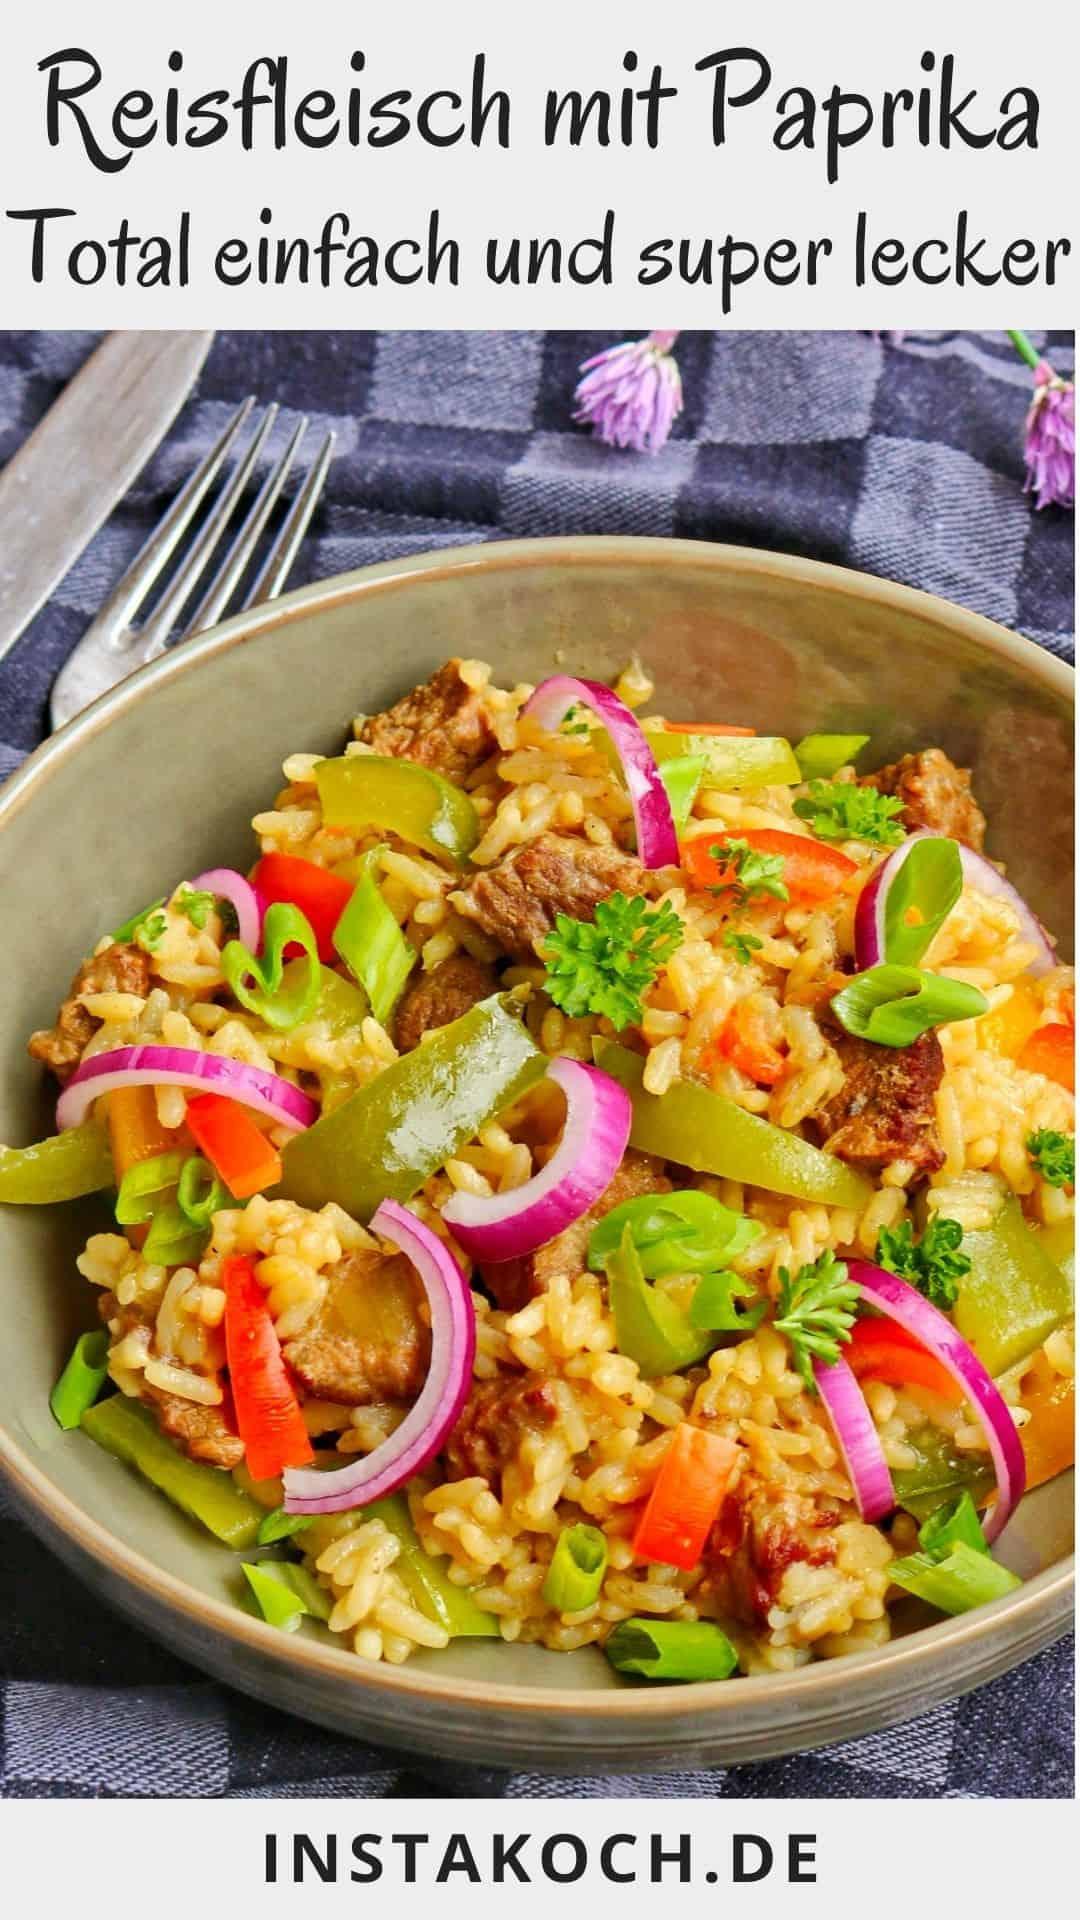 Ein tiefer Teller mit Reisfleisch. Im Hintergrund Deko.